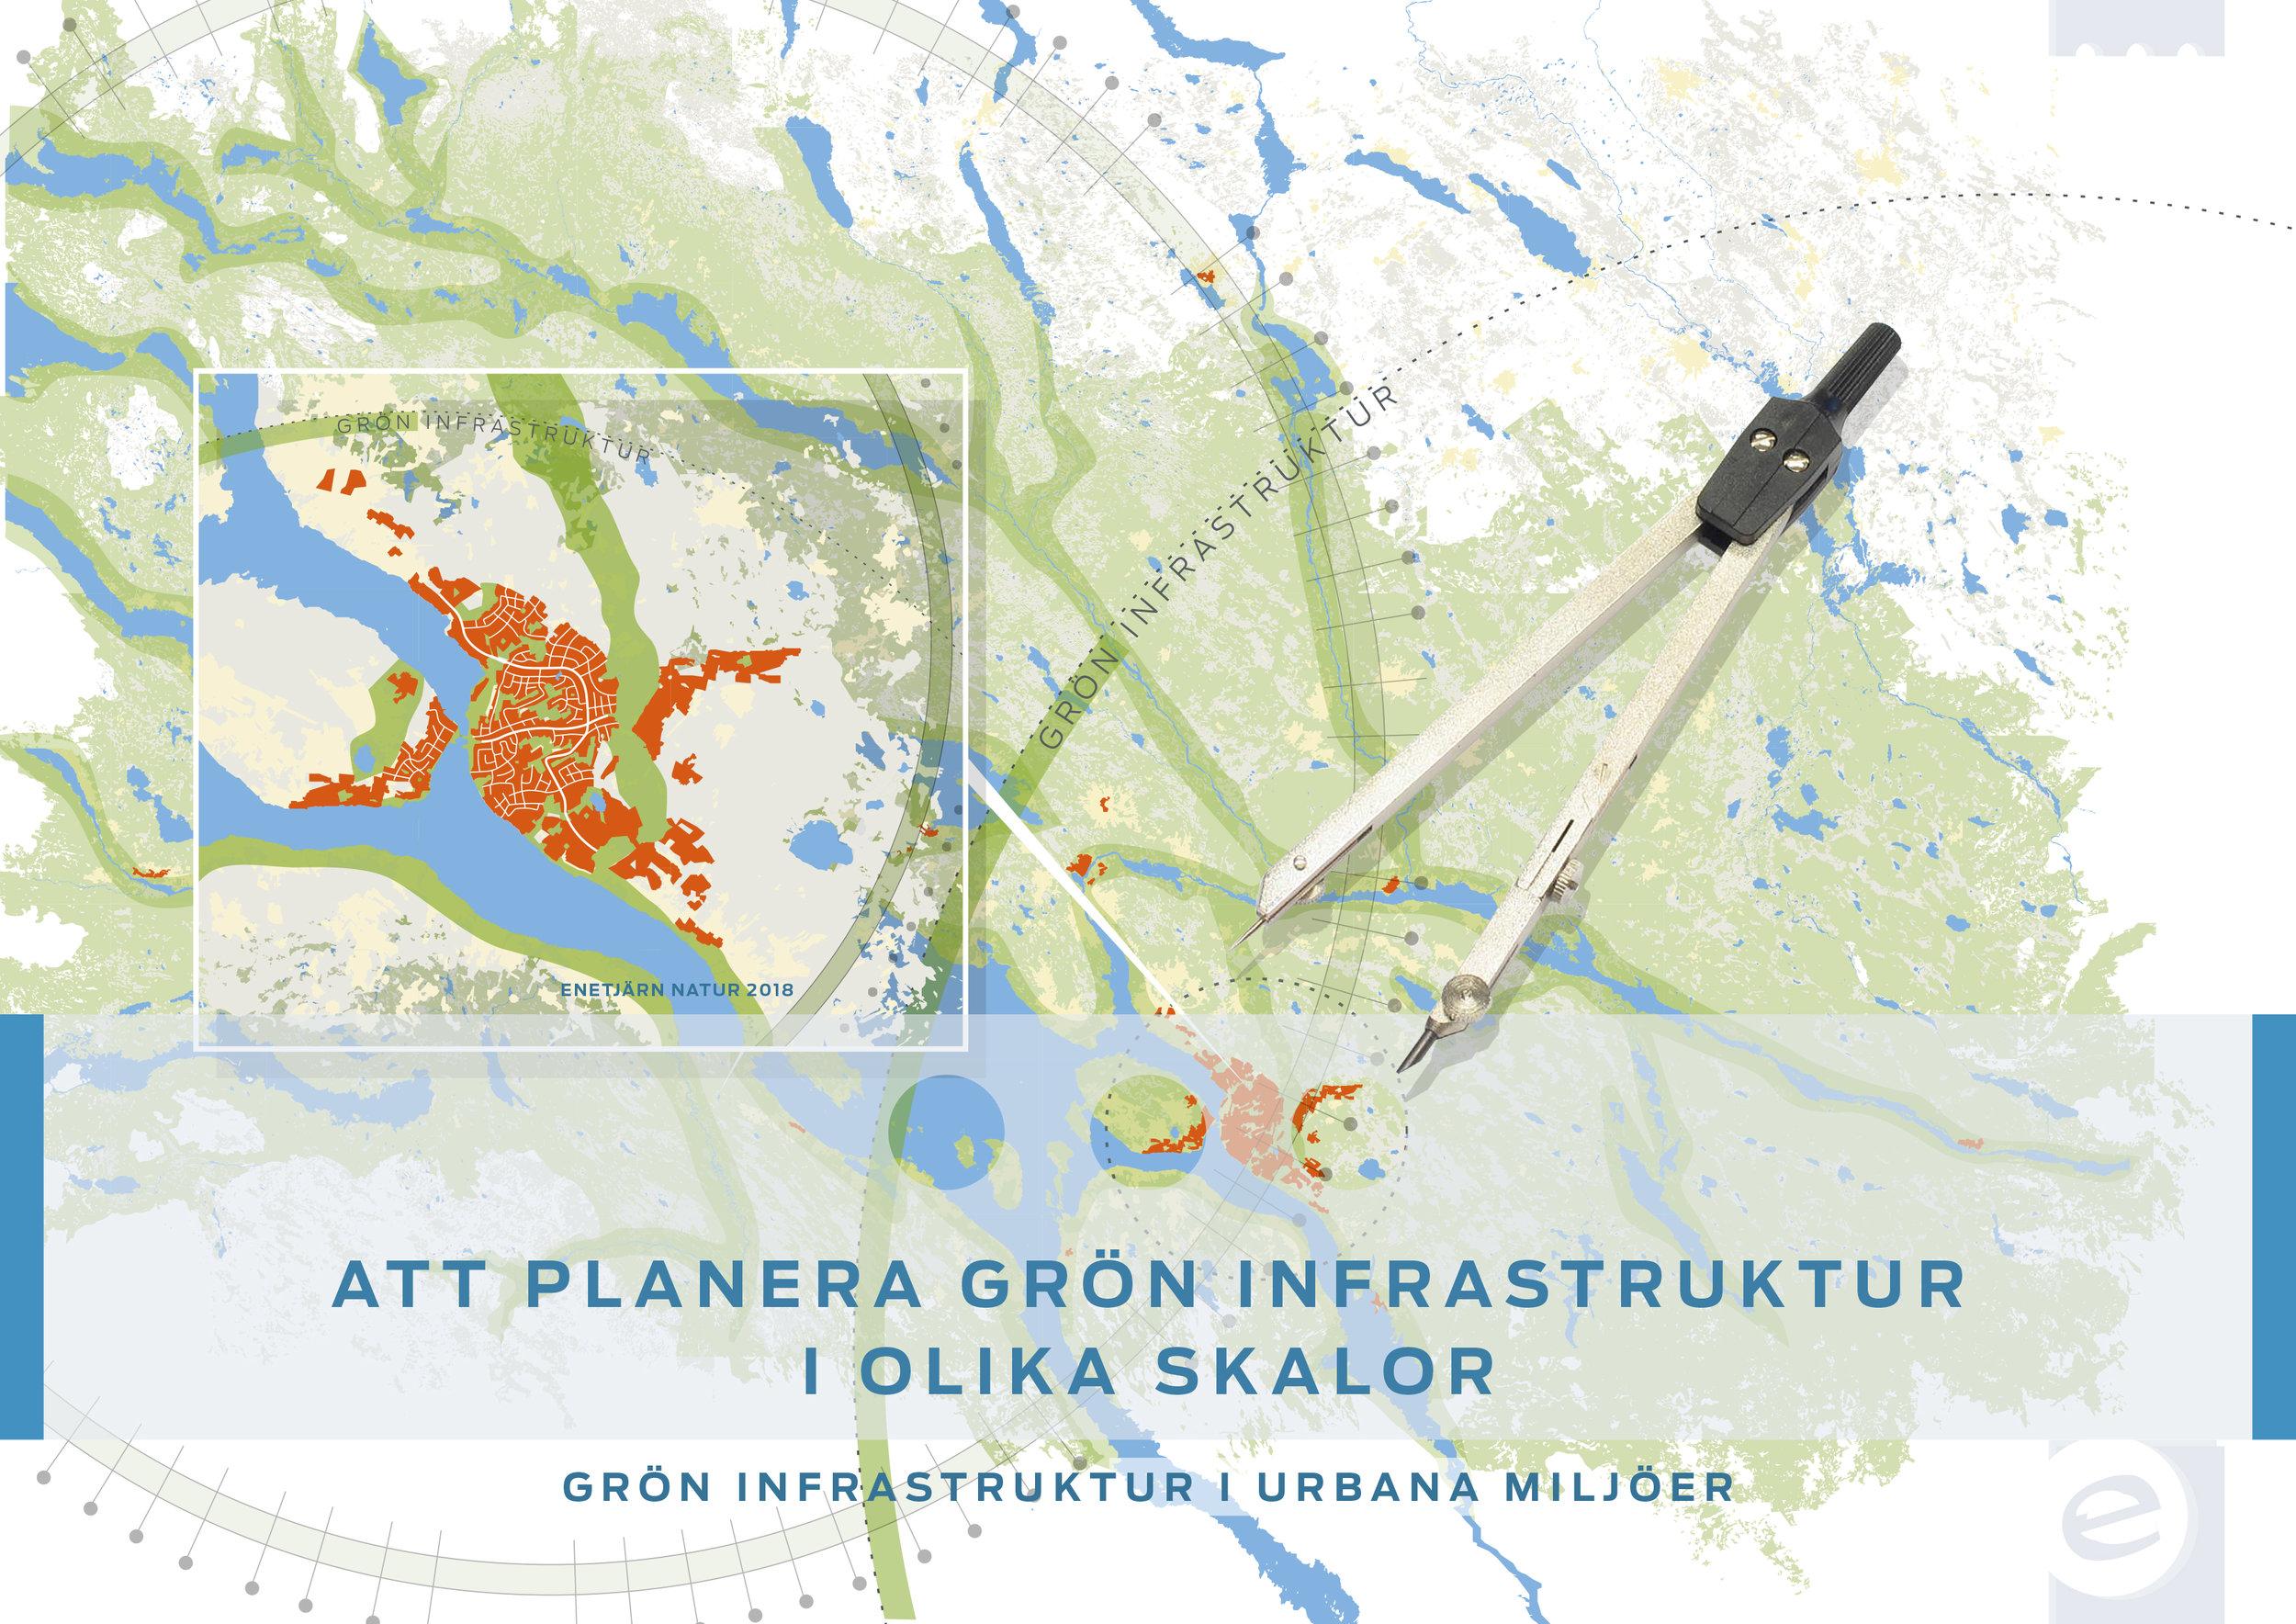 Handbok om att planera grön infrastruktur i olika skalor